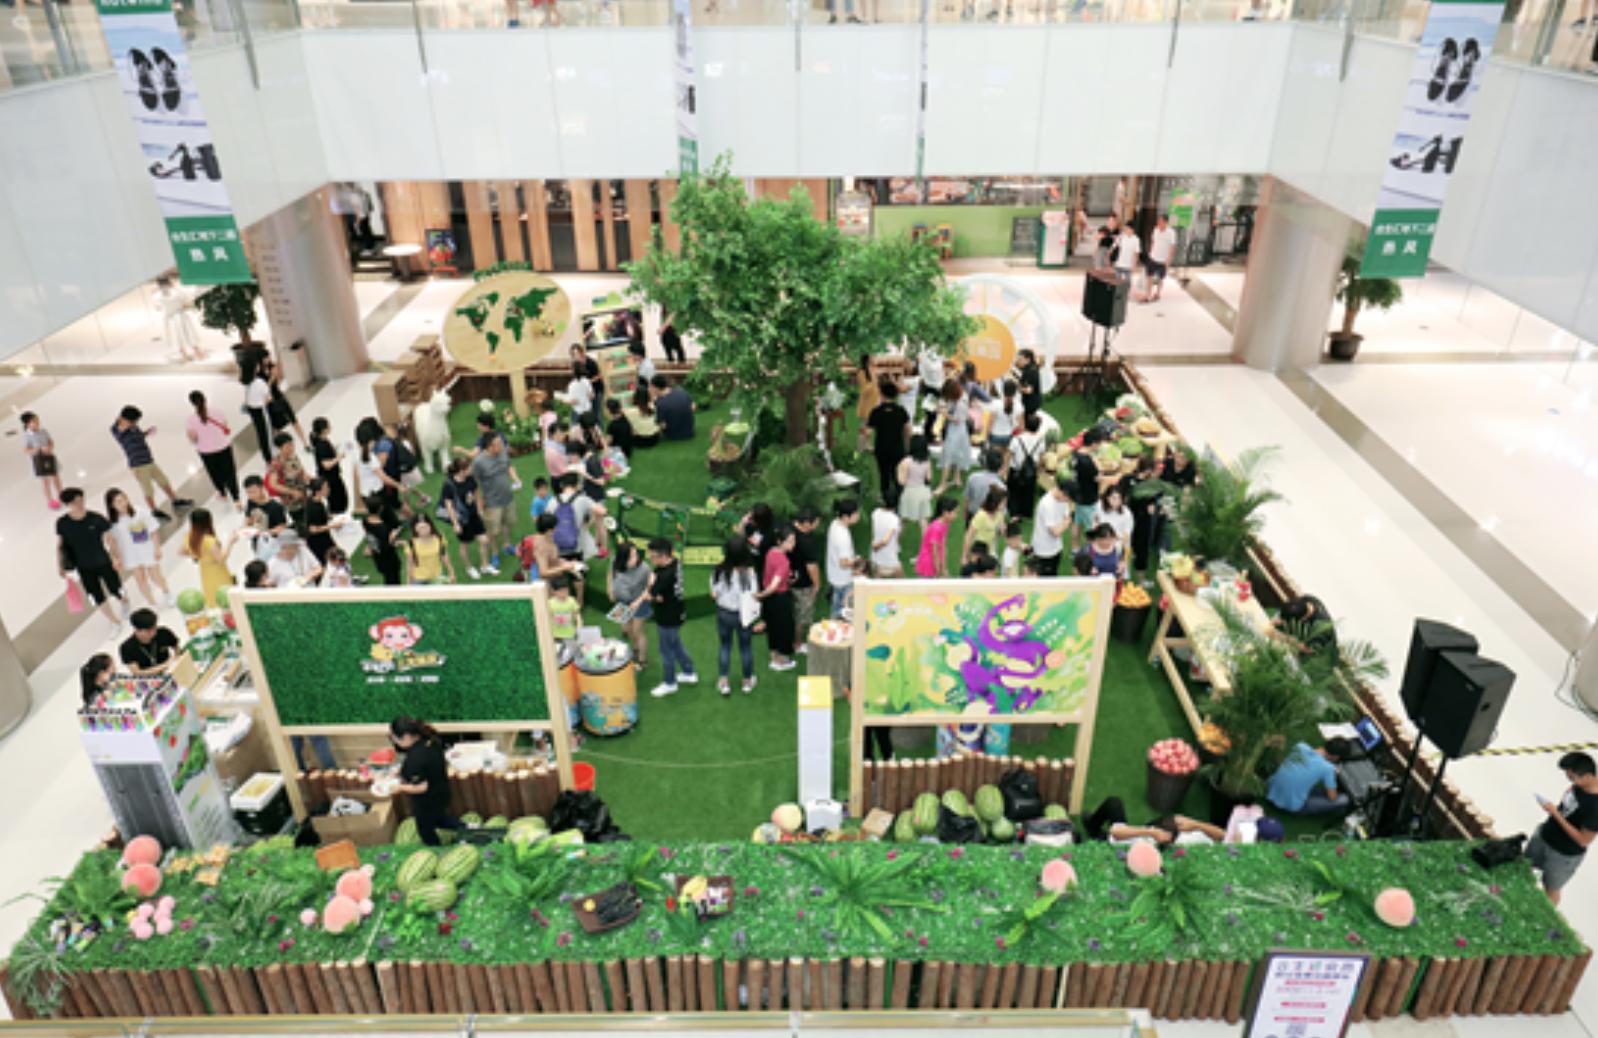 传播自然生态理念,百果园携佳沛举办百果生态园品牌活